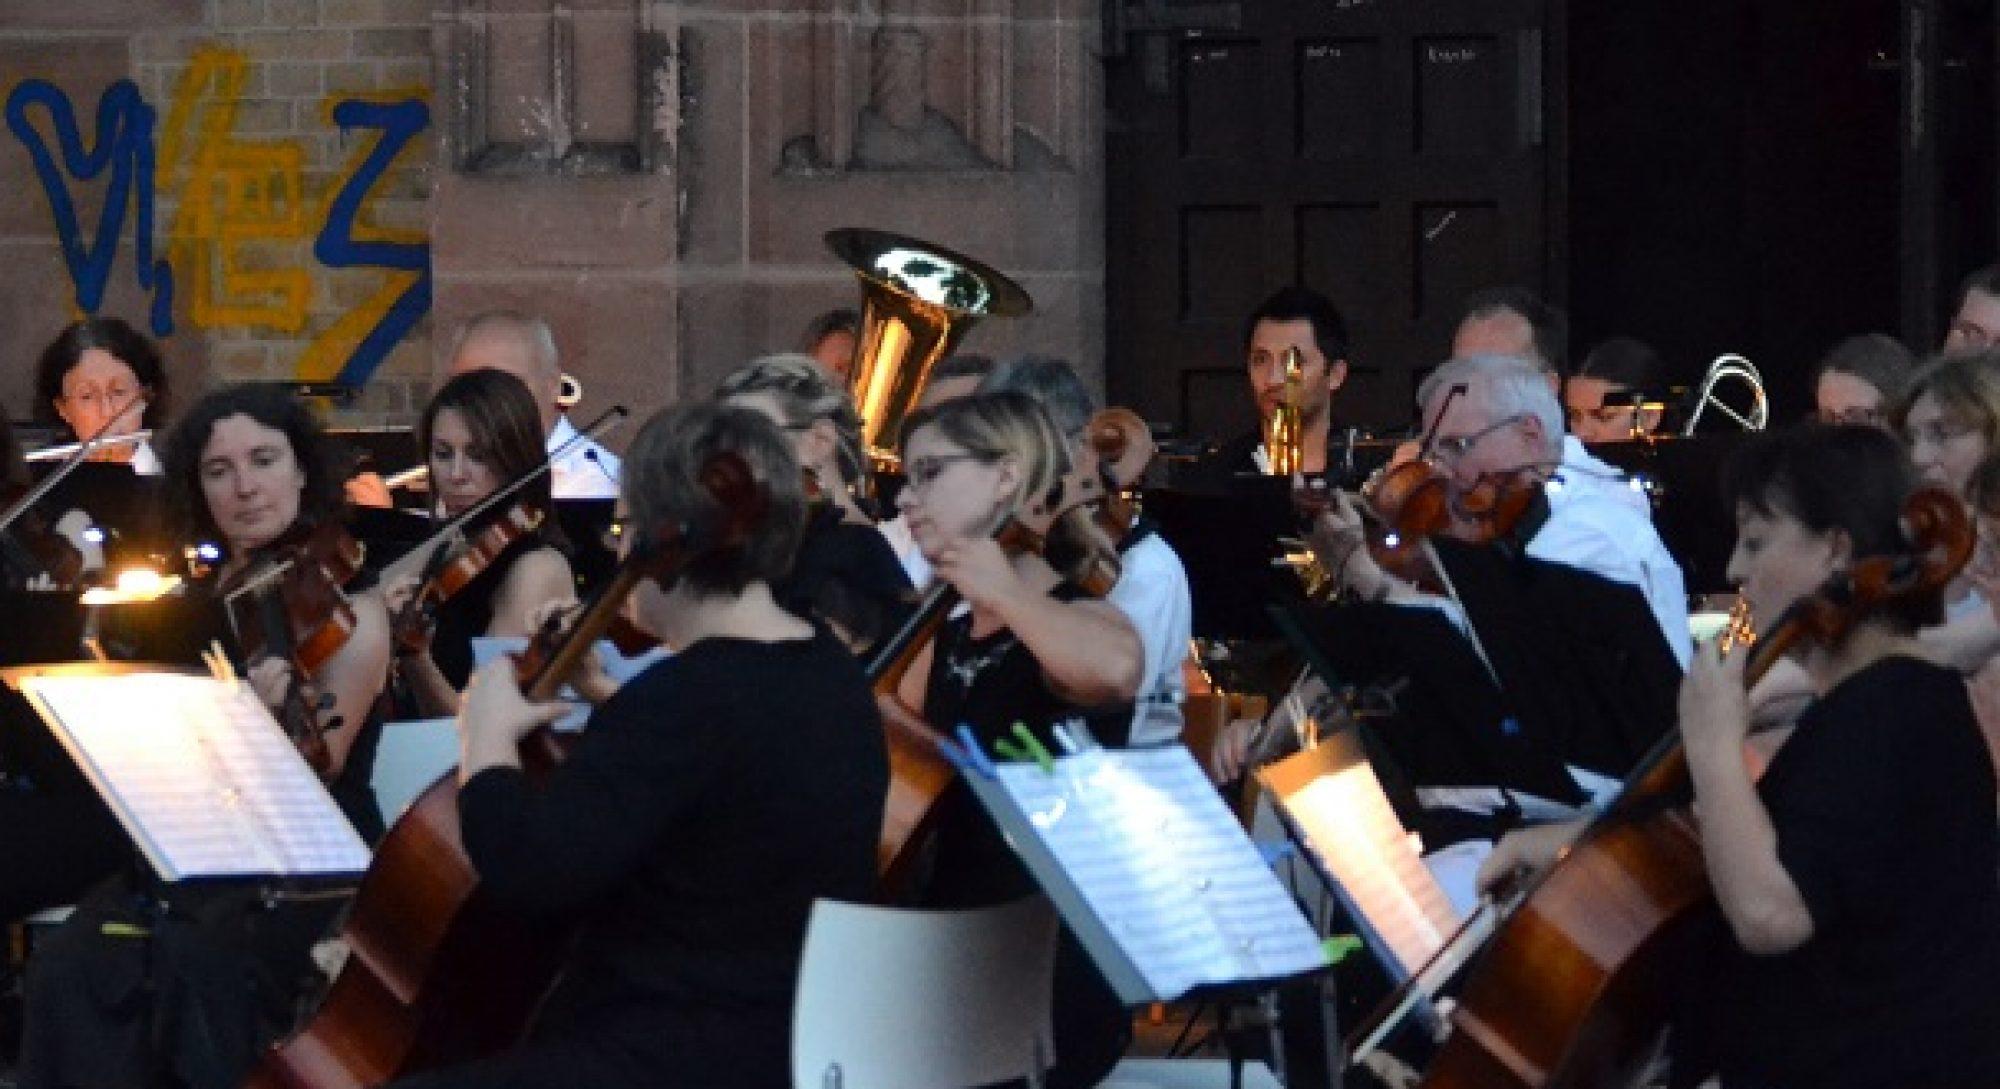 Collegium musicum Nürnberg